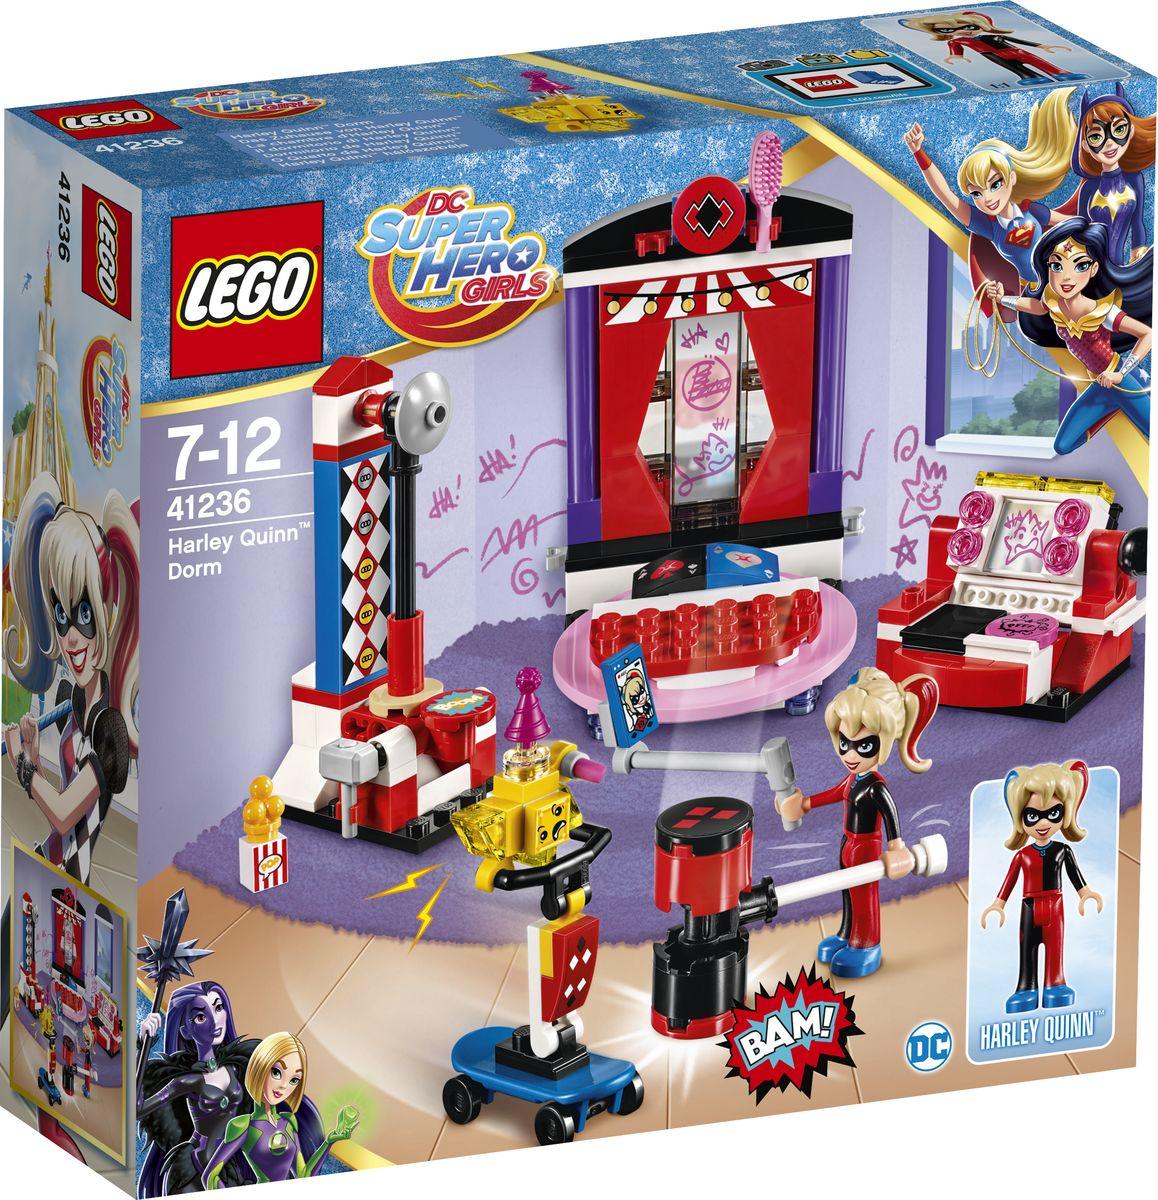 LEGO DC Super Hero Girls Конструктор Дом Харли Квинн 41236 видео фильм искусство возрождения из цикла дом на волхонке